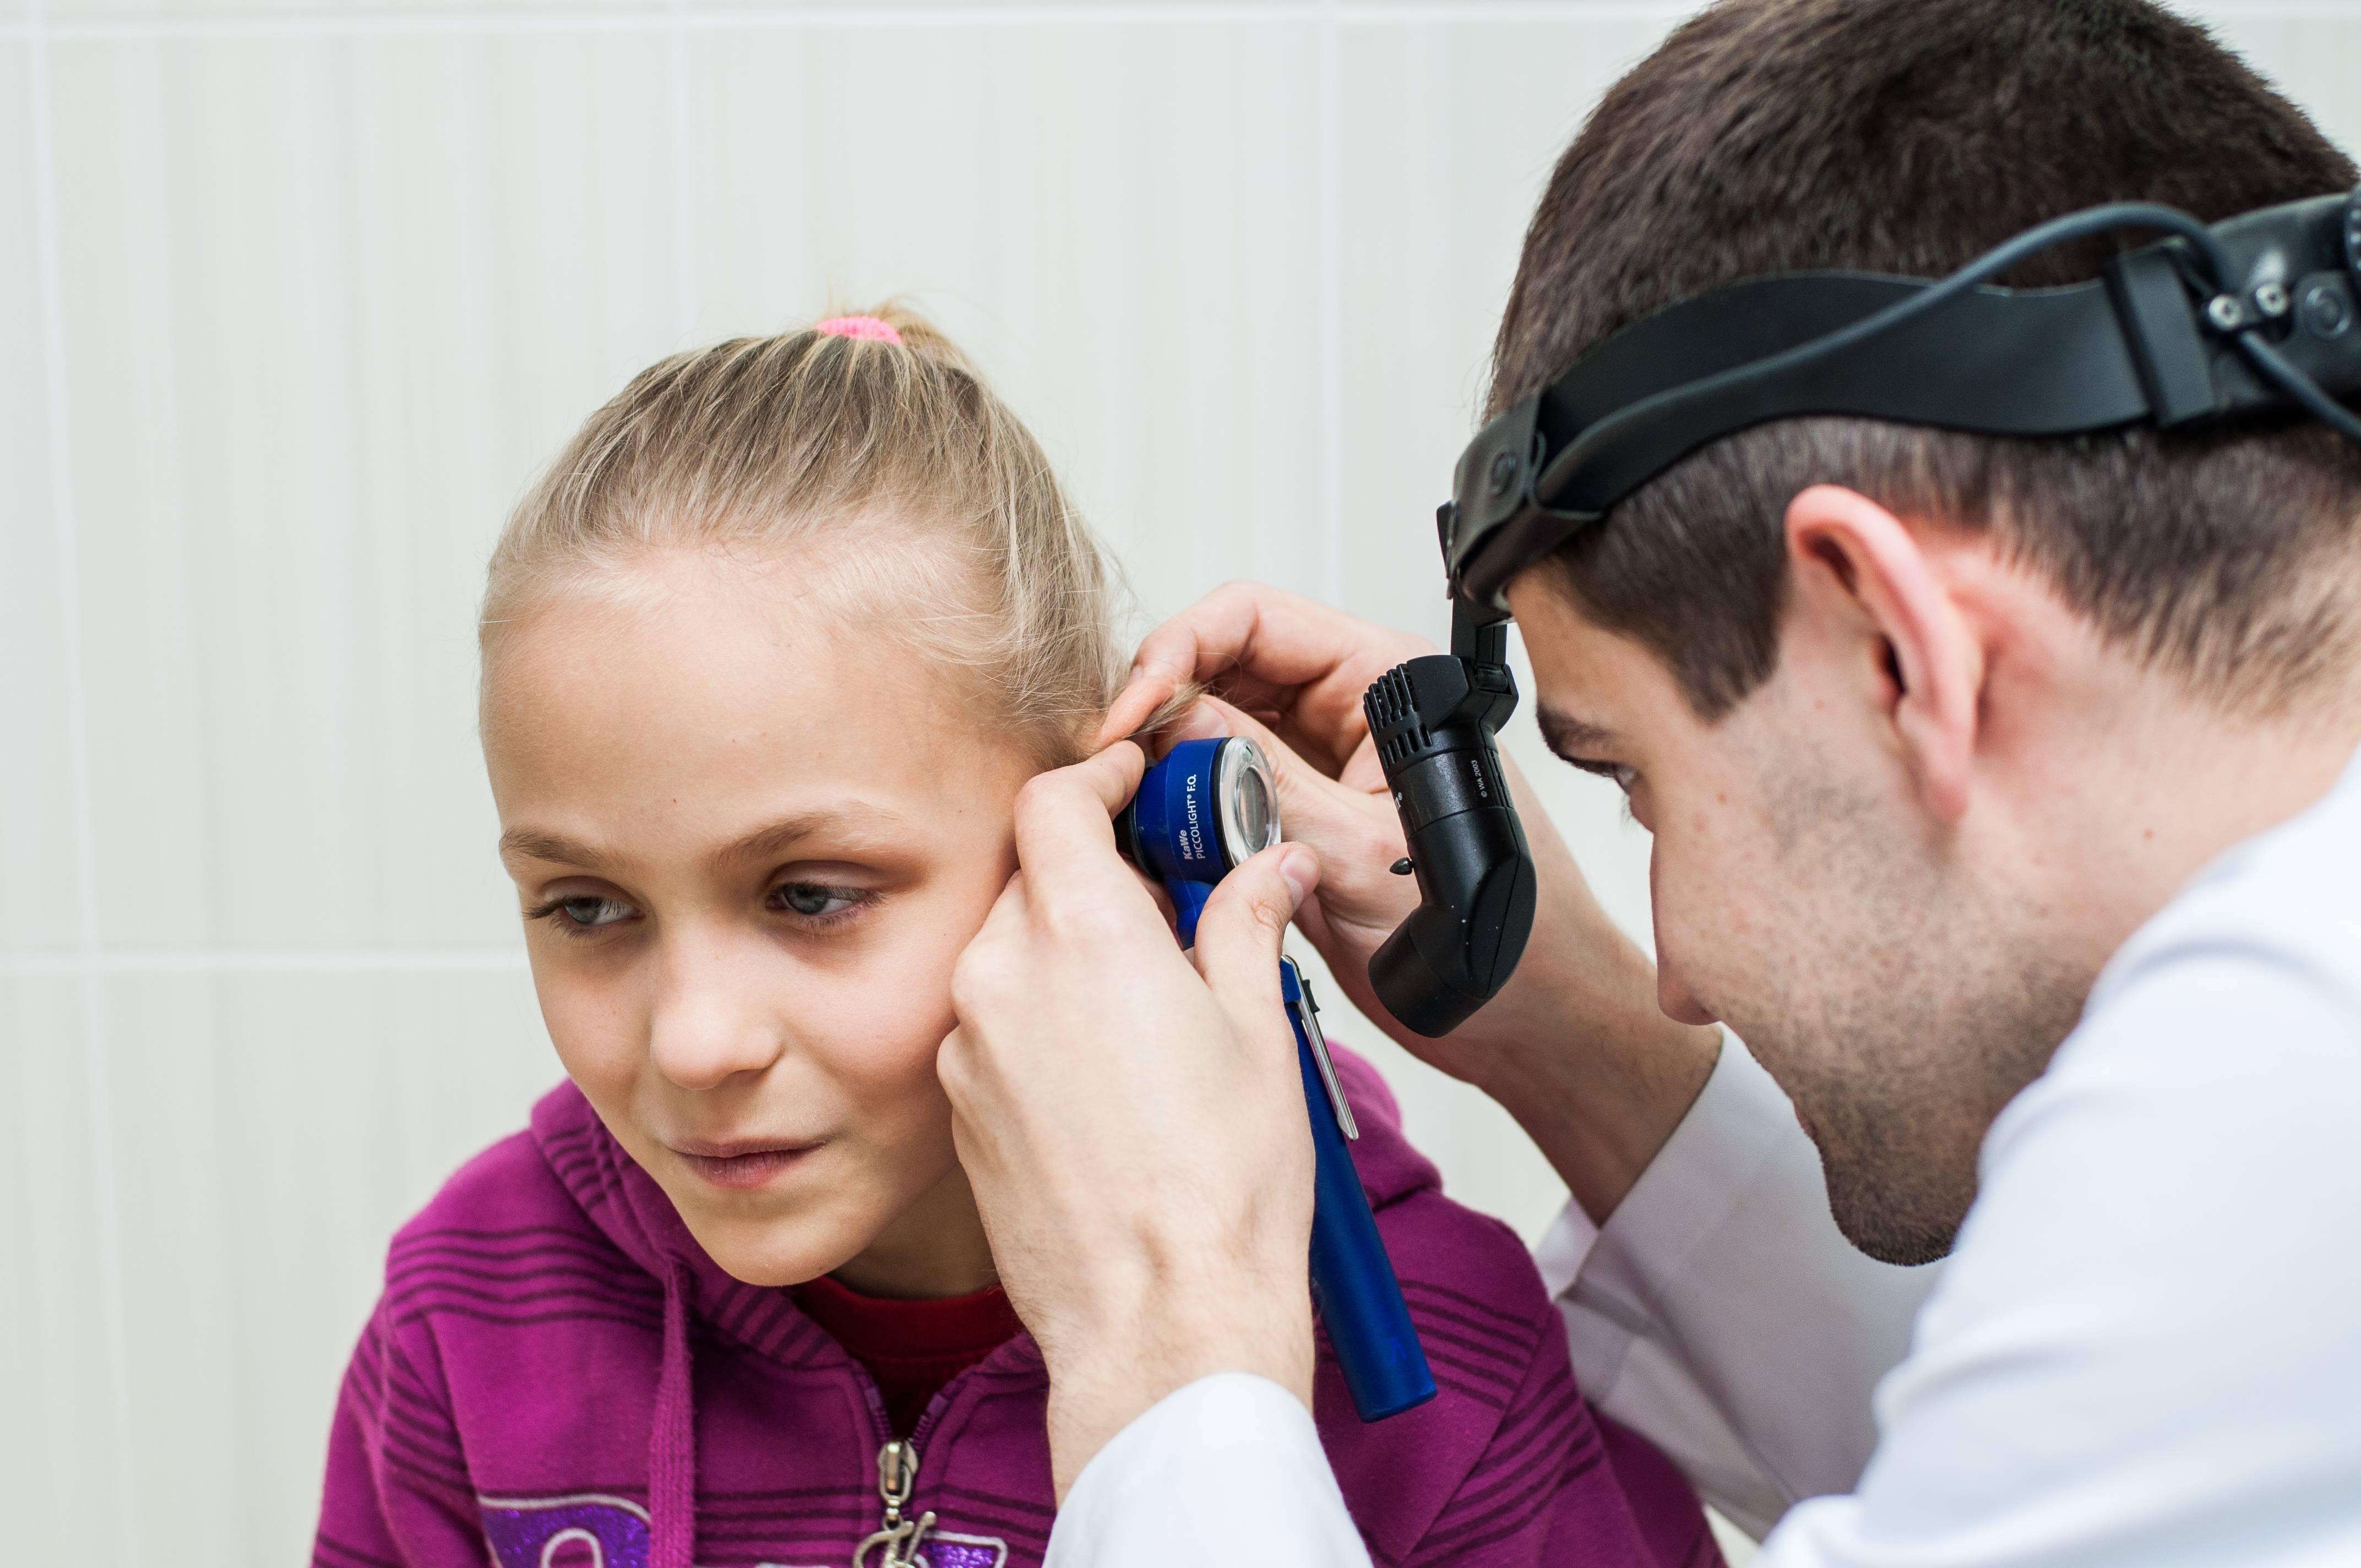 врач по болезням уха